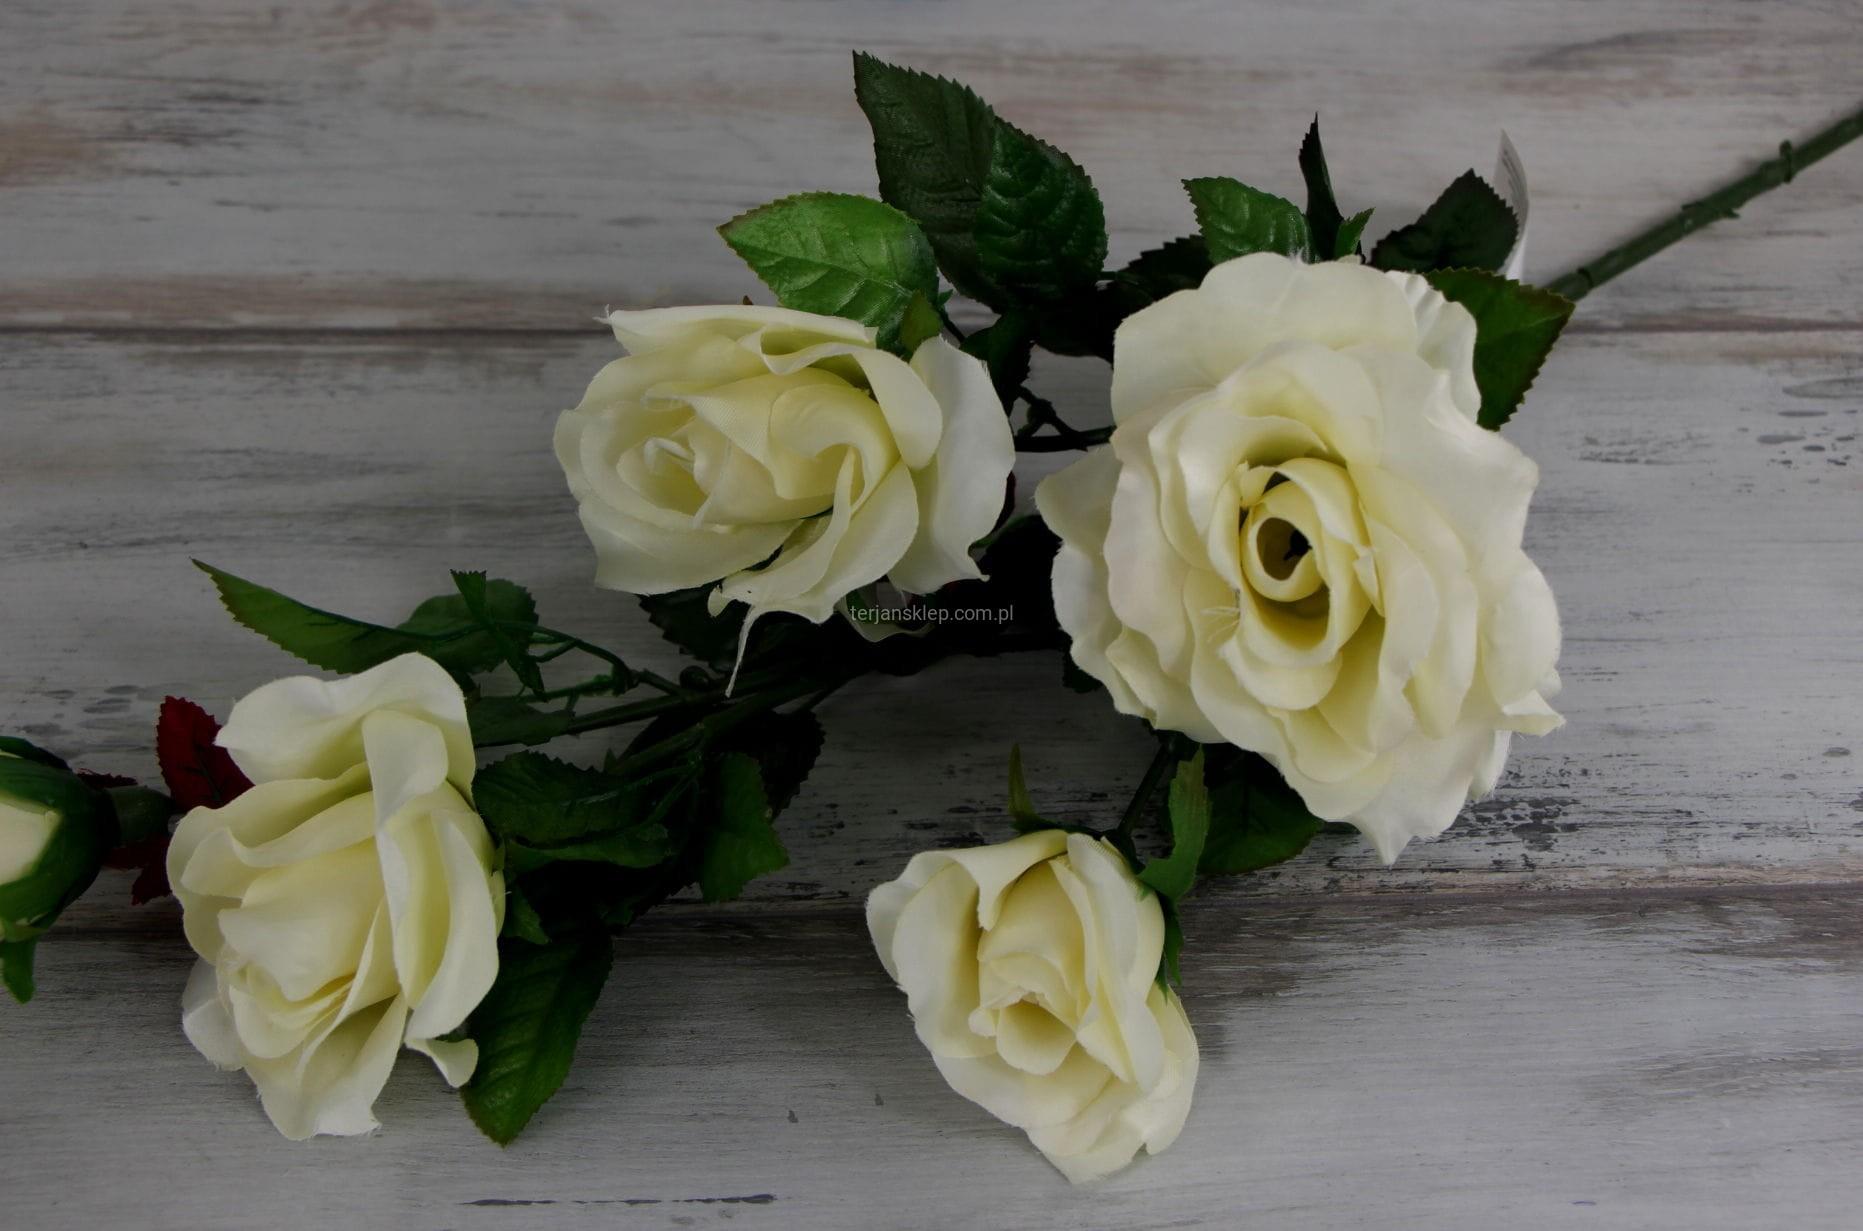 01b691ff710e44 Róża gał. C1237 B krem - Sklep internetowy TERJAN hurtownia kwiatów ...